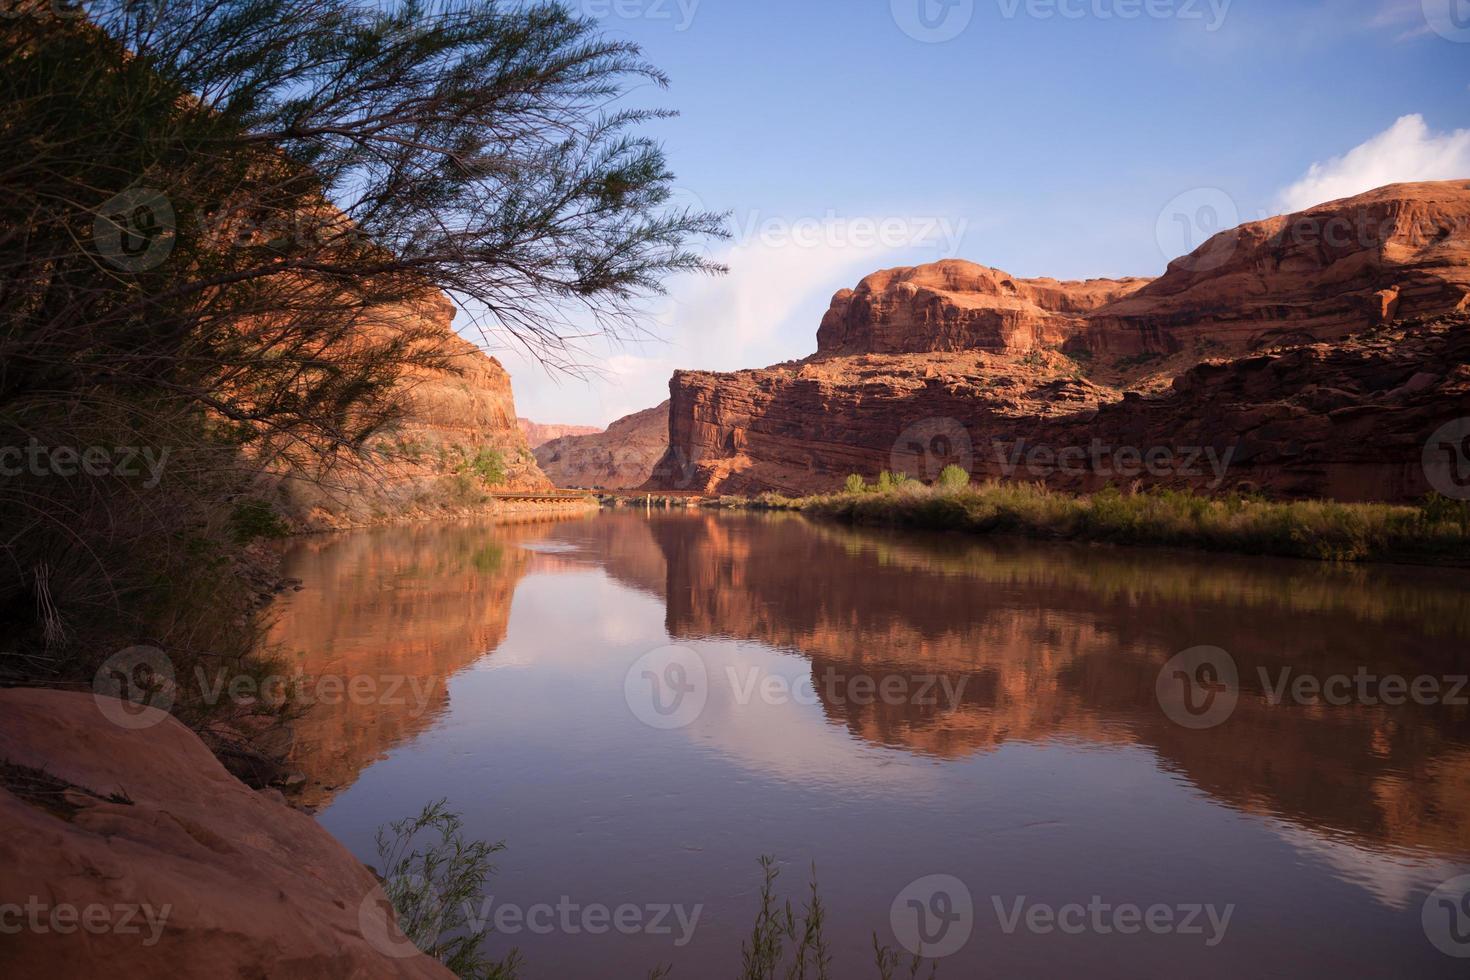 orilla del río colorado autopista 128 parque nacional arches utah foto